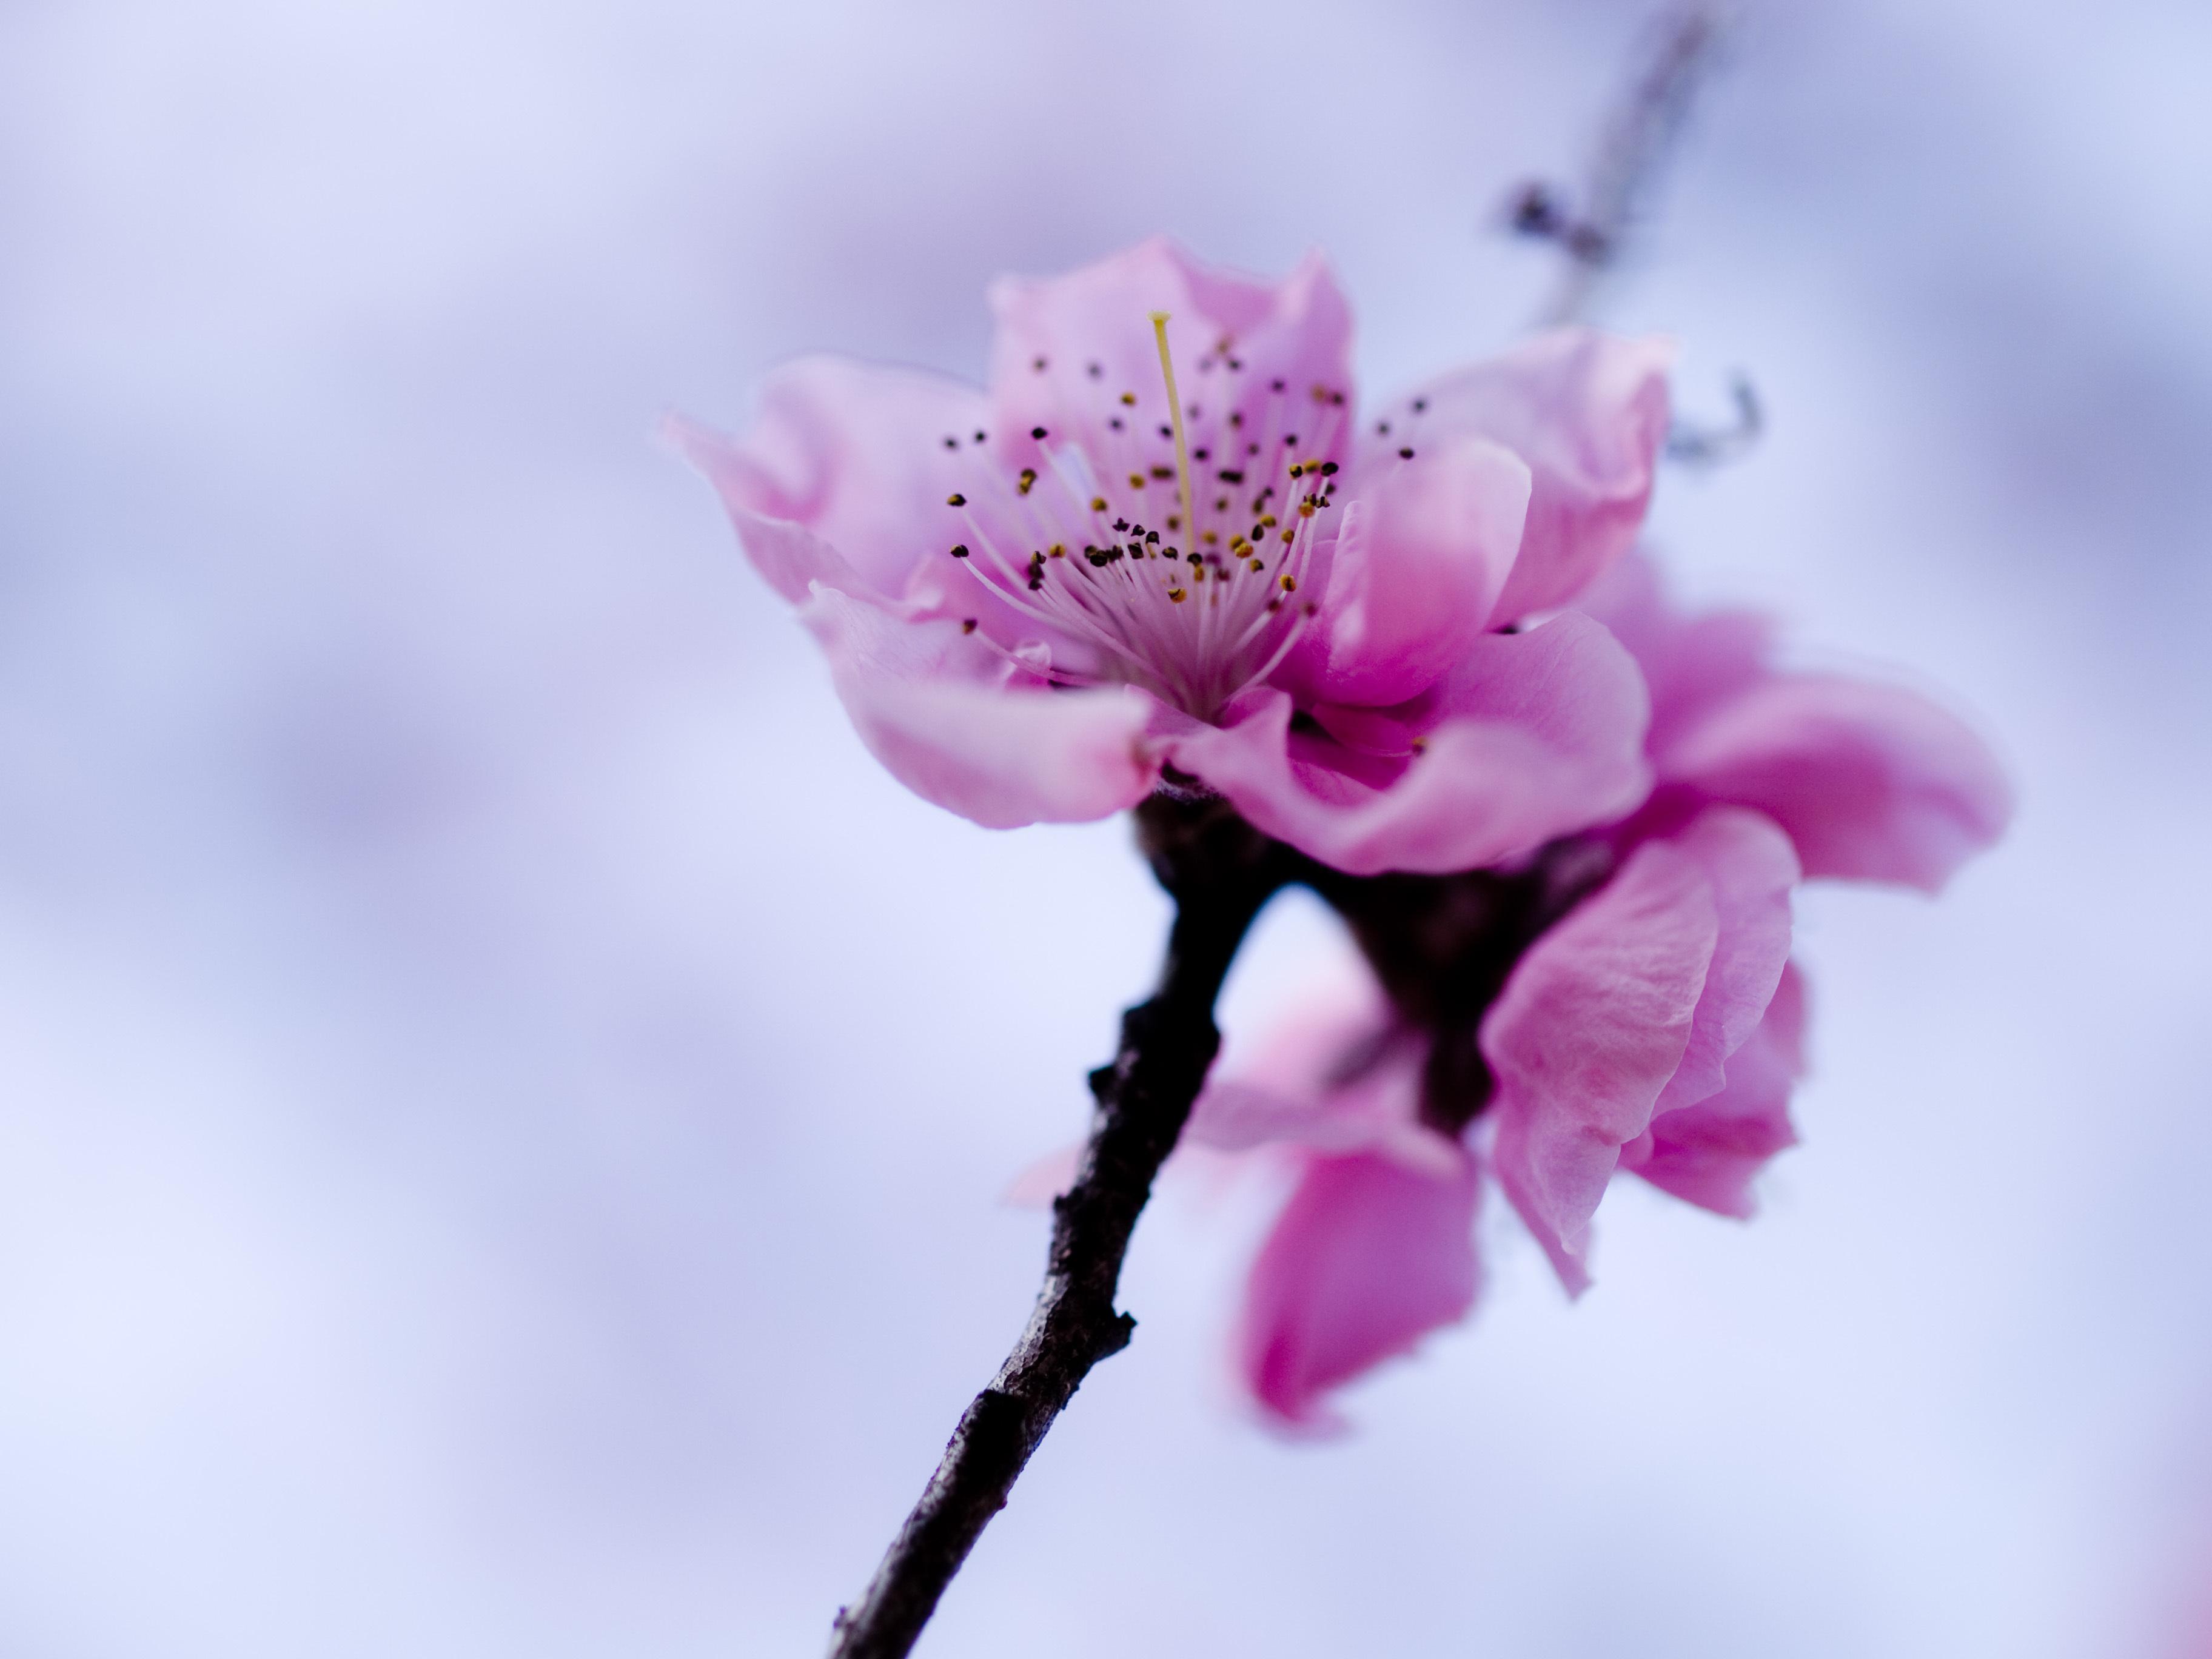 картинки с высоким разрешением вертикаль цветы получена